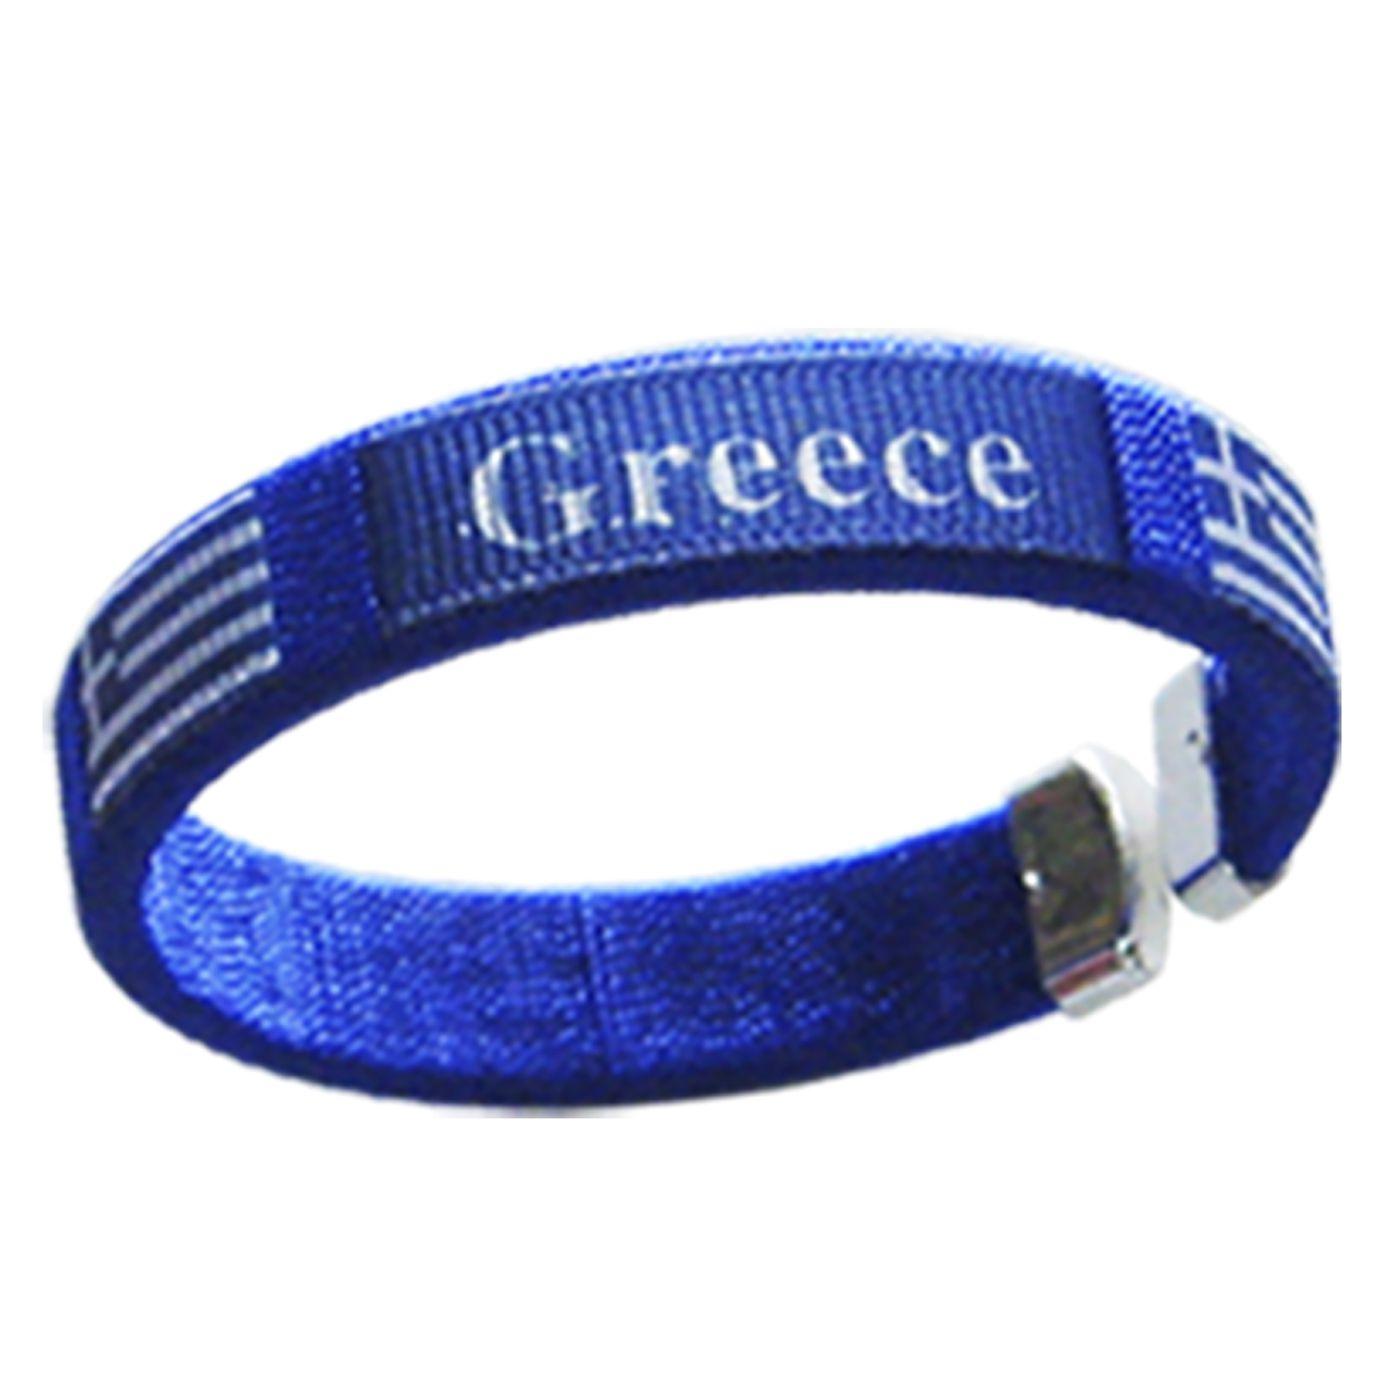 ΒΡΑΧΙΟΛΙ ΜΠΛΕ GREECE